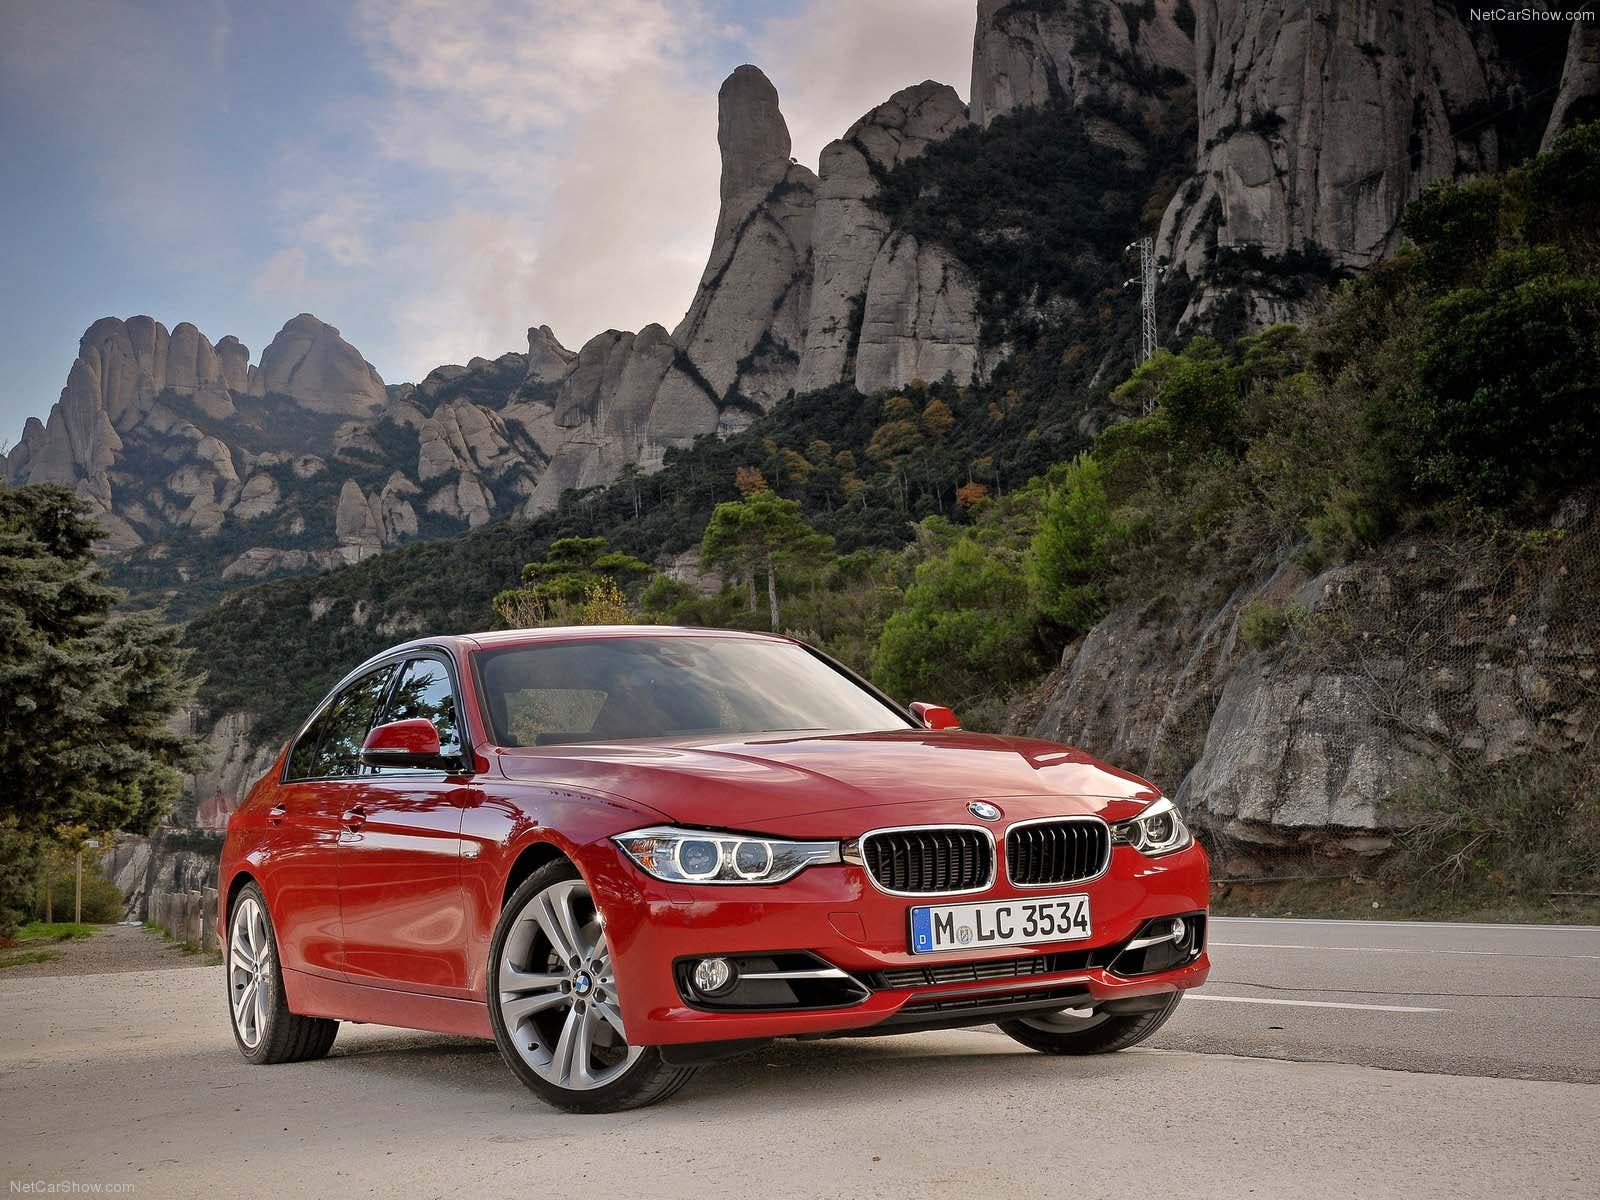 Die beliebtesten Fahrzeug-Modelle in Deutschland 2020 laut carVertical